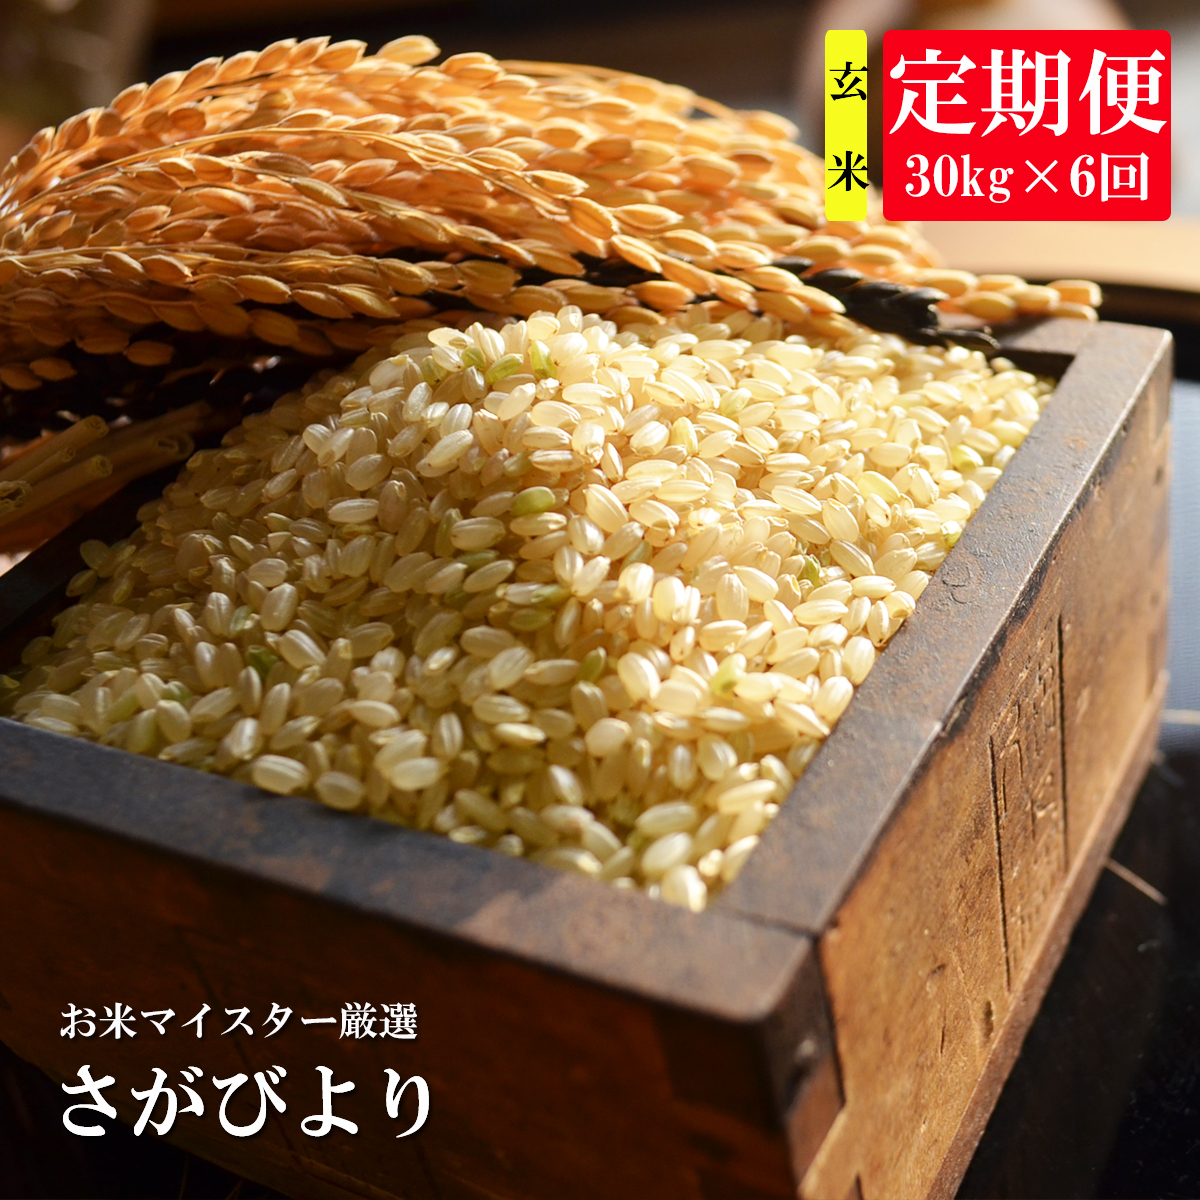 【ふるさと納税】V-3 《6ヶ月定期便》鹿島市産さがびより 玄米(毎月30kg×6回)